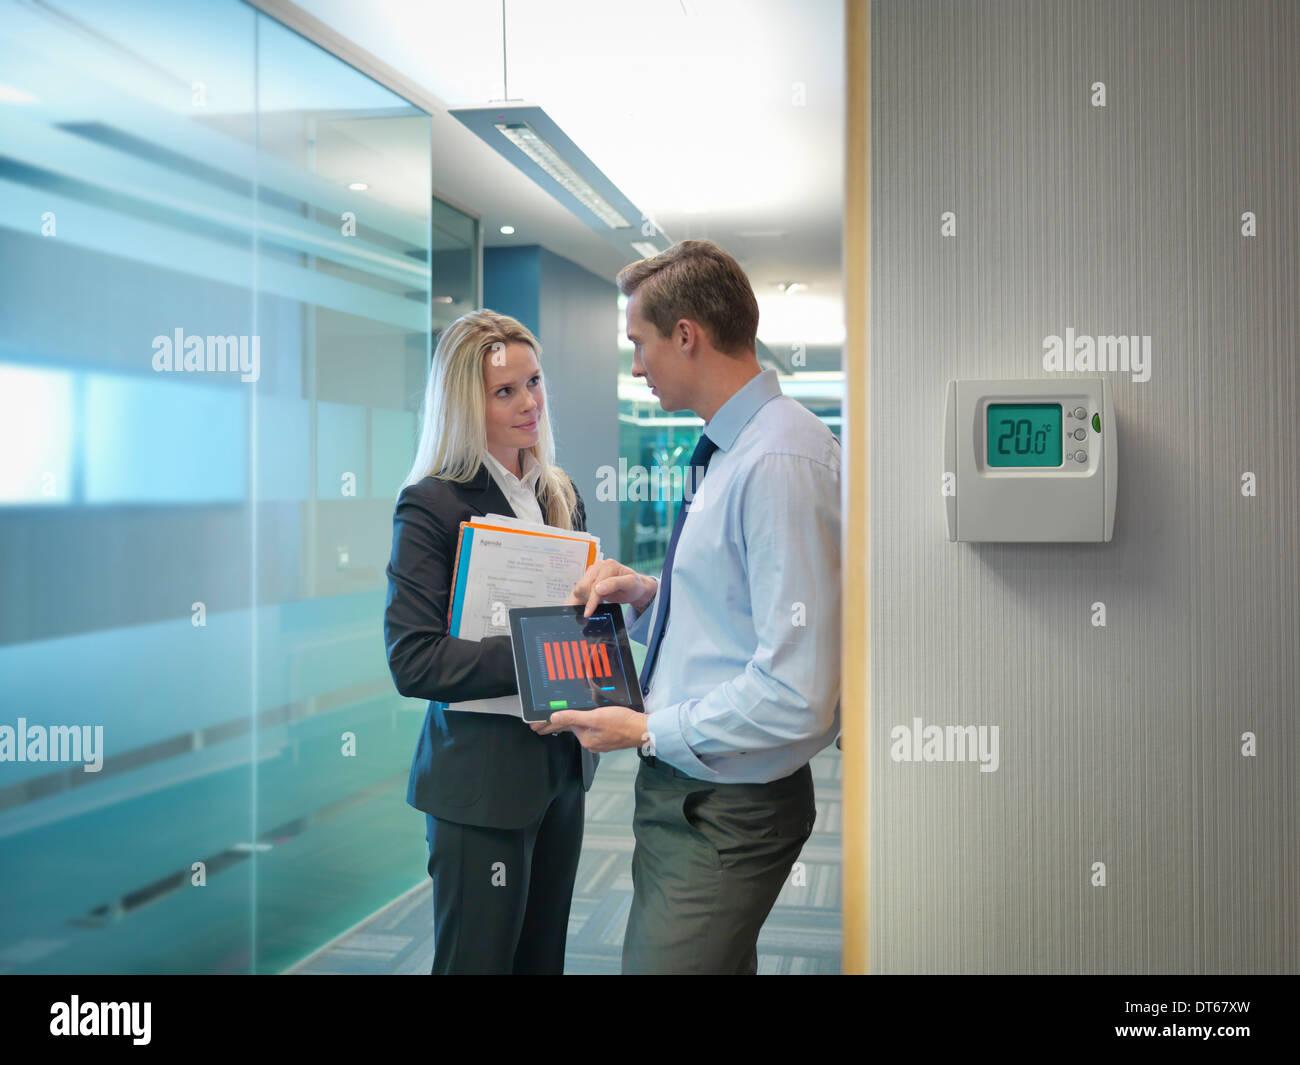 Les employés de bureau holding digital tablet et fichiers discuter l'utilisation de l'énergie Photo Stock